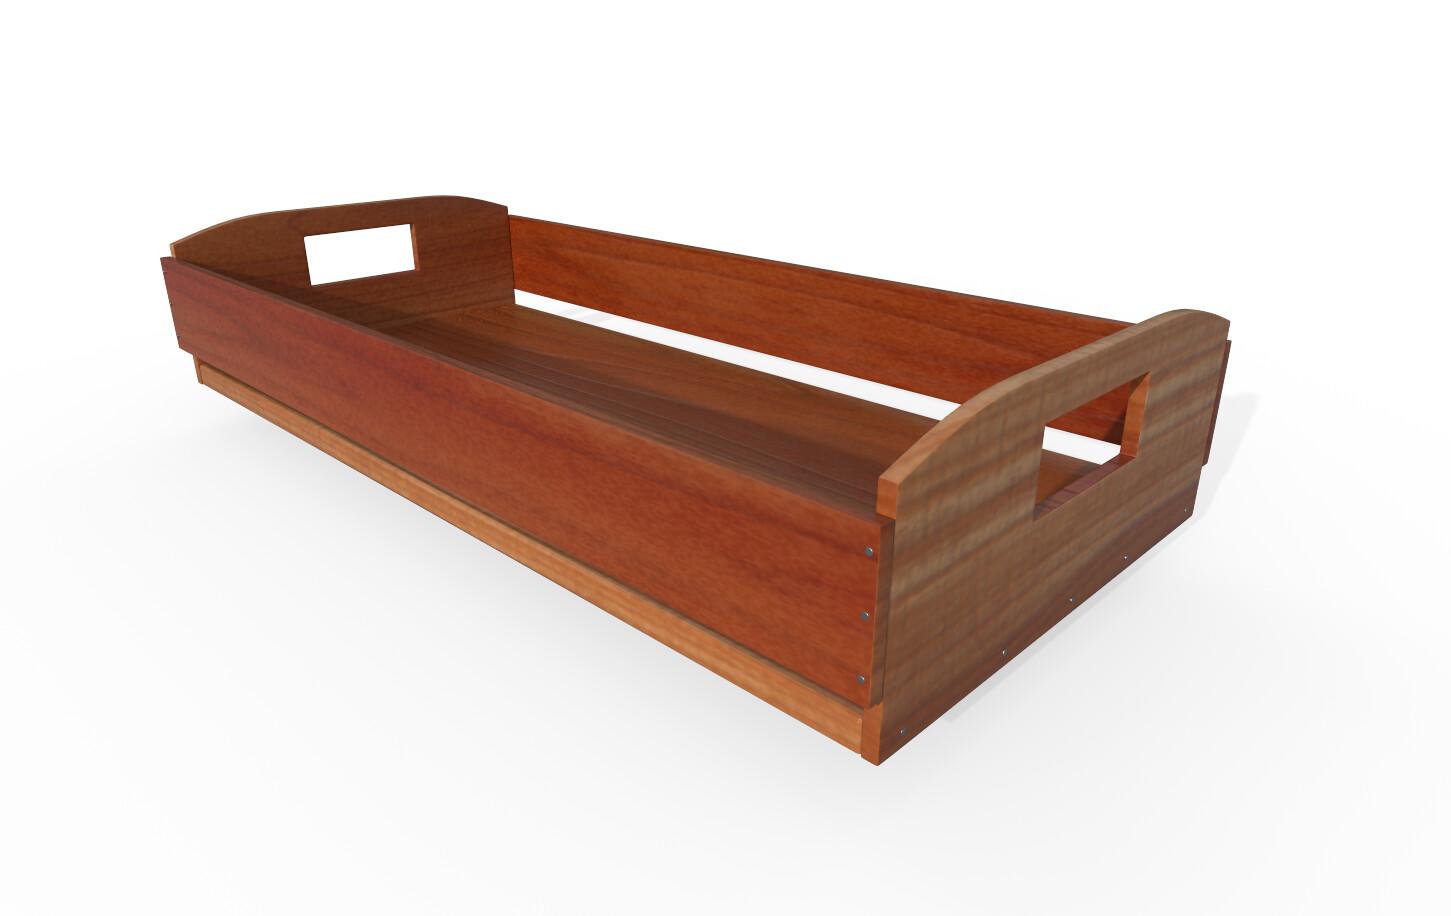 Joseph moniz tray1a